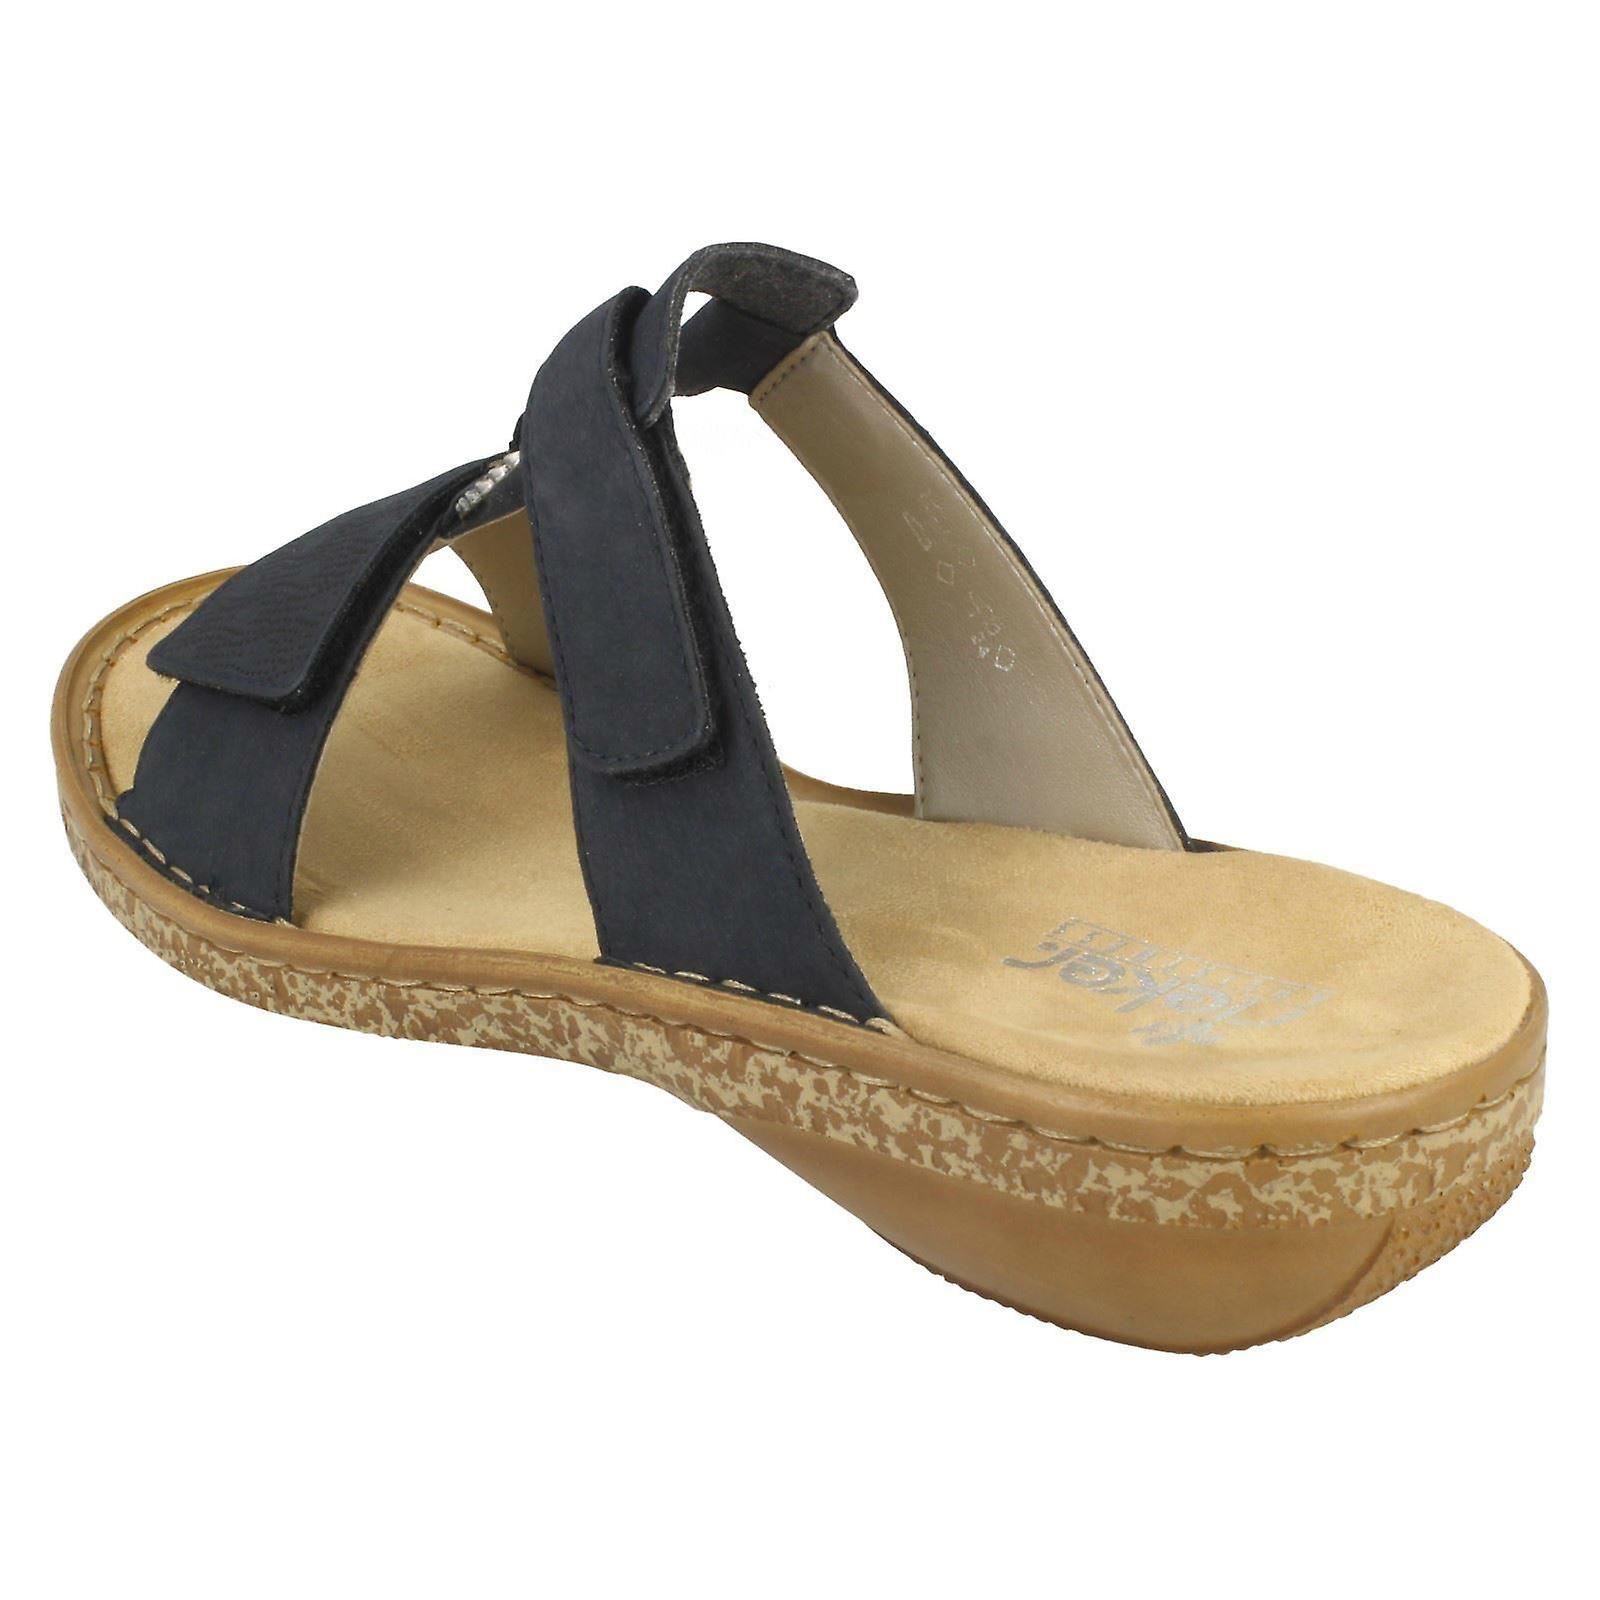 Ladies Rieker Adjustable Mule Sandals 62885